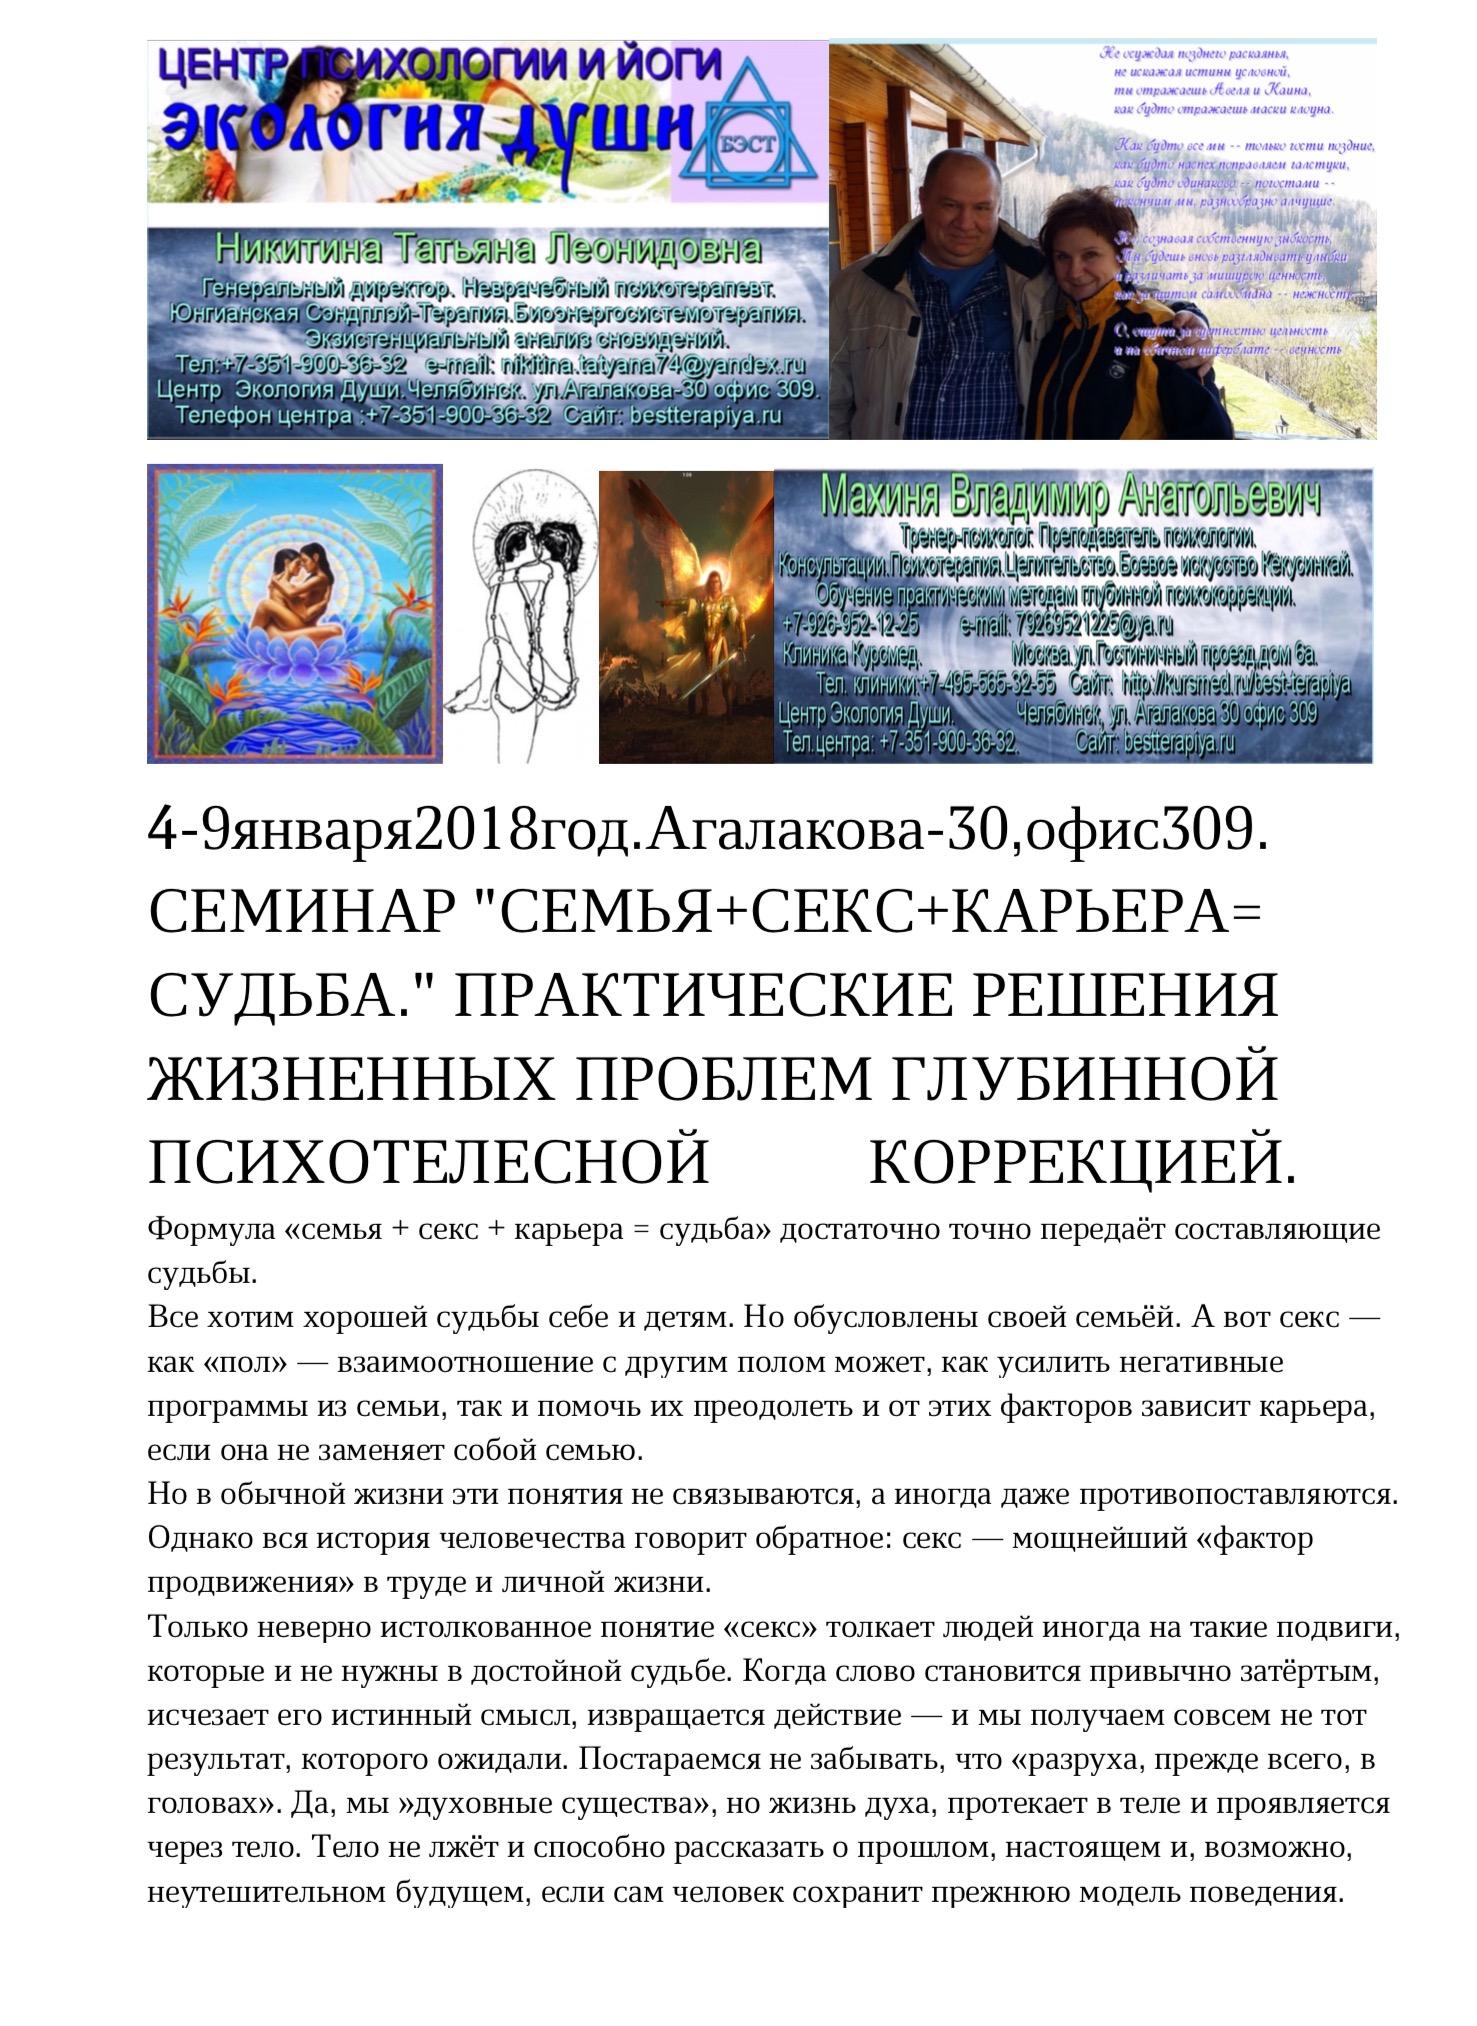 """Семинар """" Семья +секс+карьера= судьба . С 4 января на Агалакова 30офис 309."""